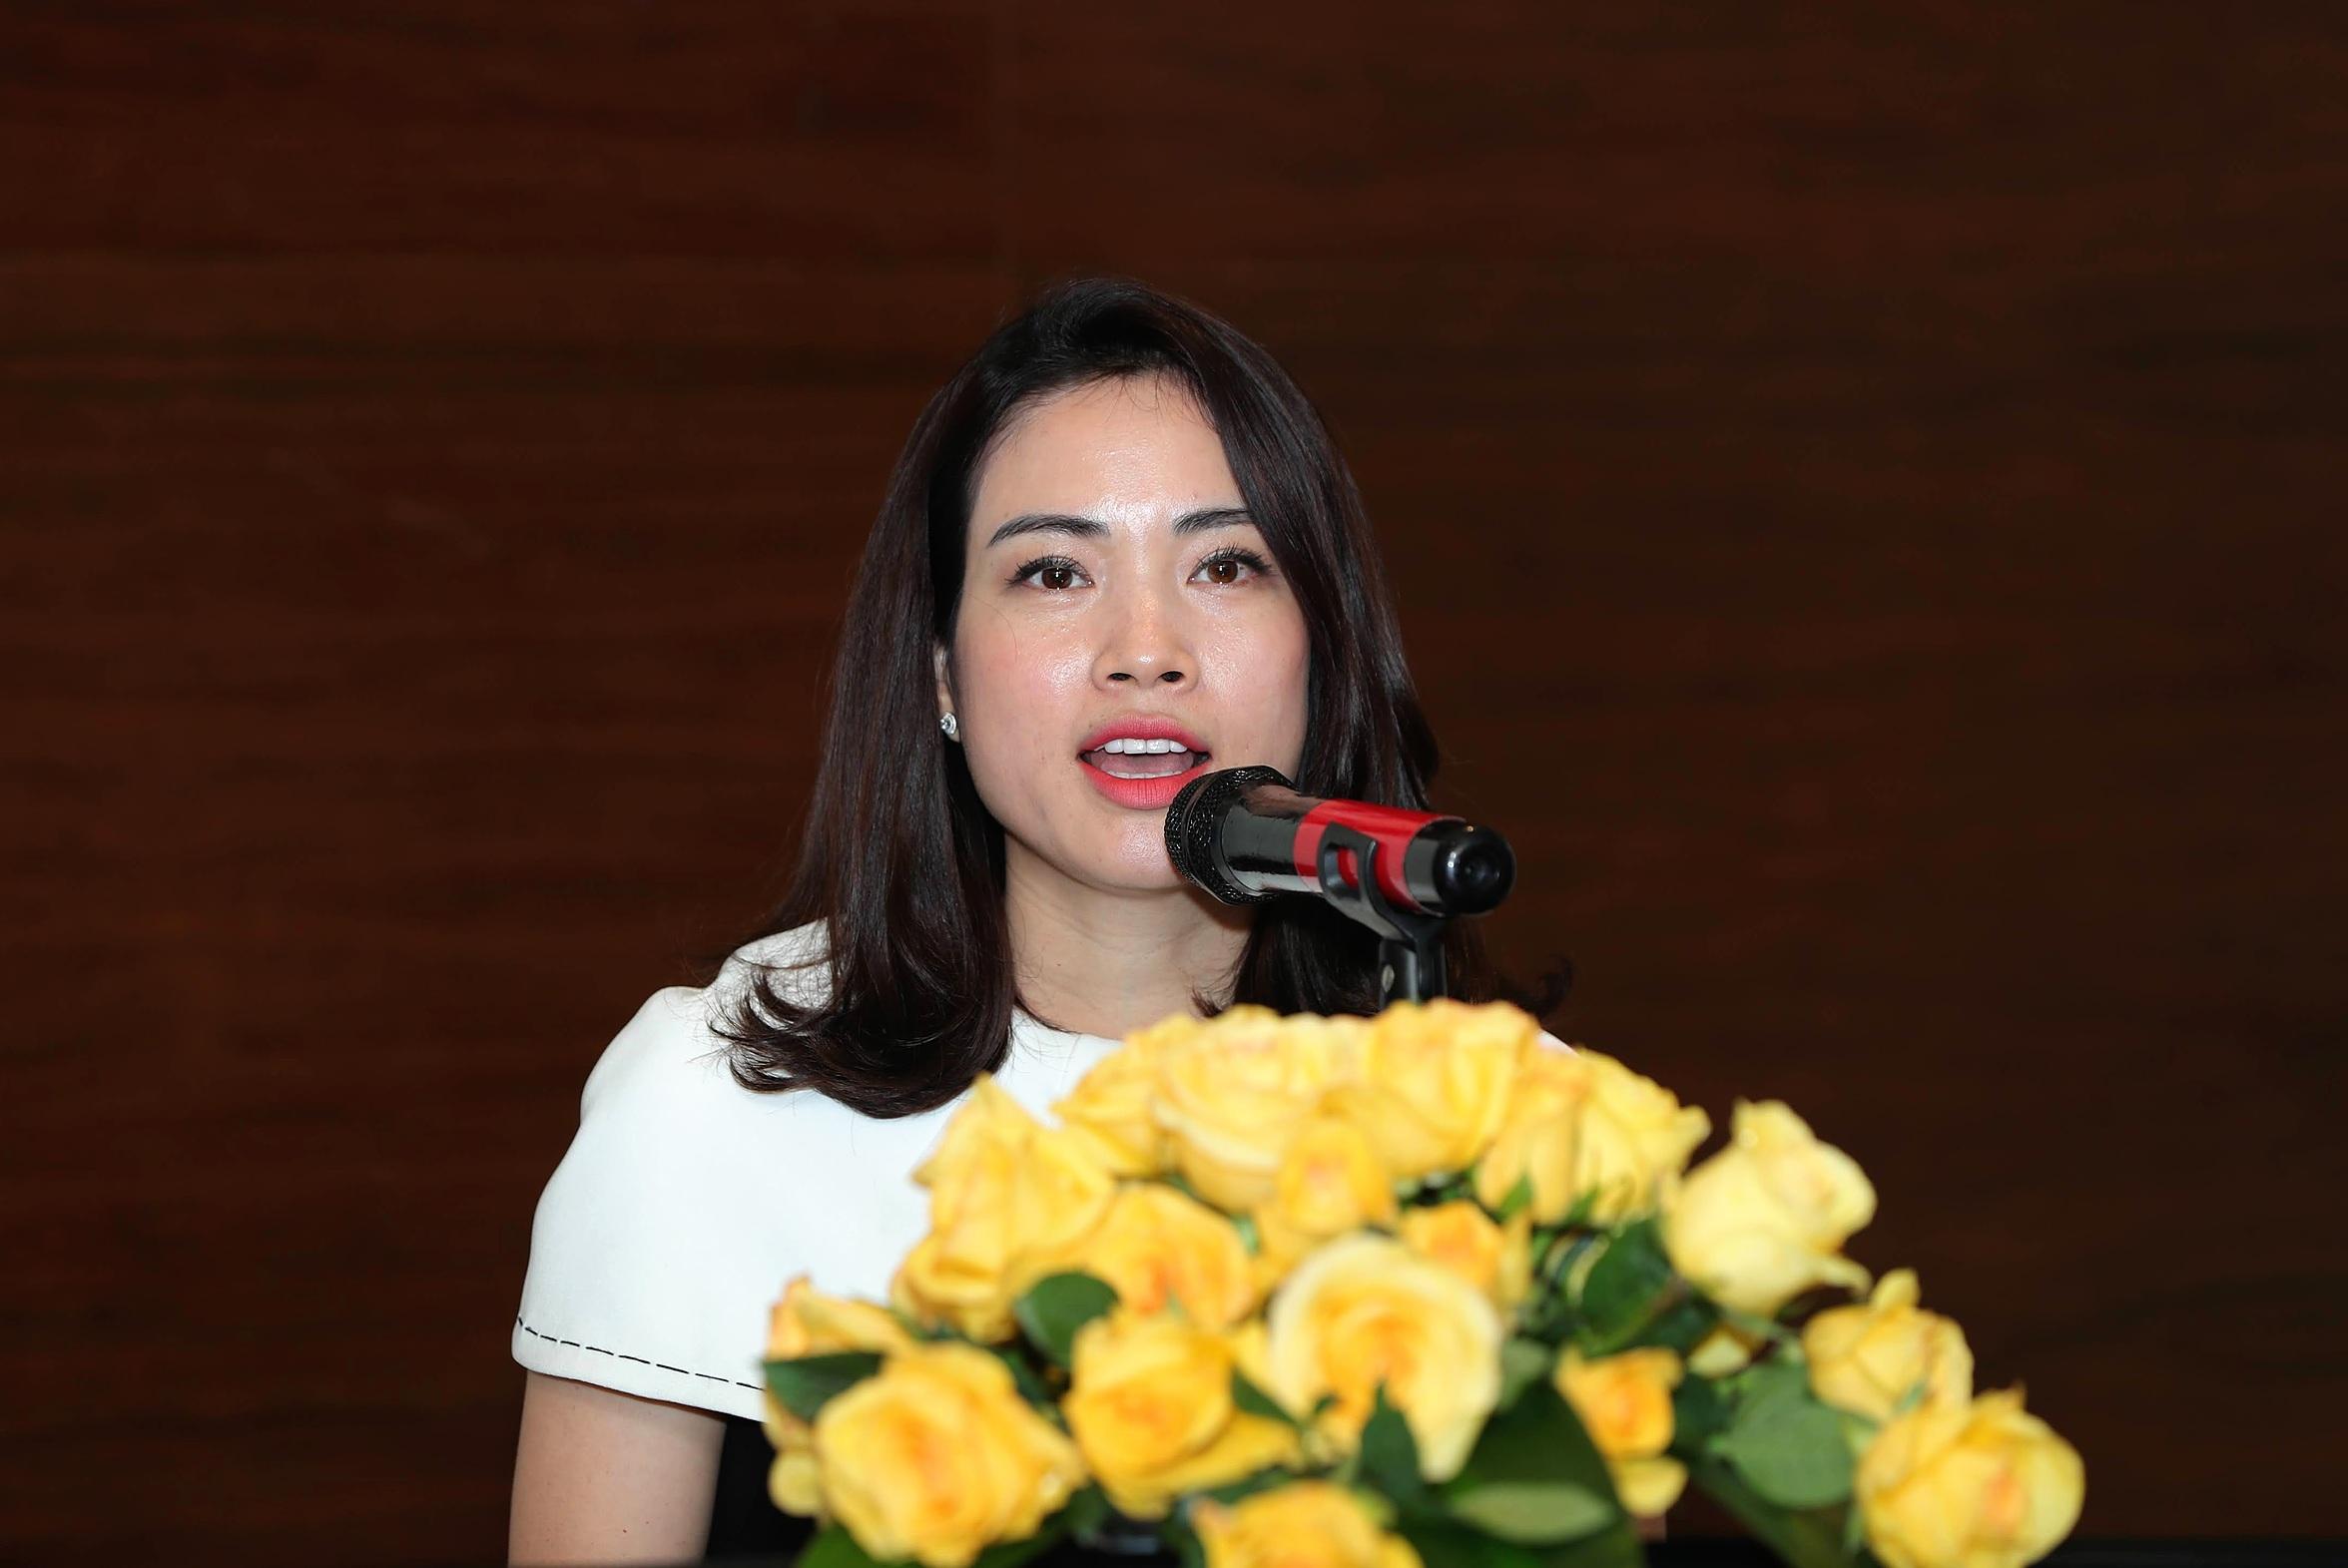 Bà Trần Thị Thu Phương, đại diện báo điện tử VnExpress, phó ban tổ chức chương trình chia sẻ lý do tổ chức cuộc thi hùng biện. Ảnh: Phạm Chiểu.